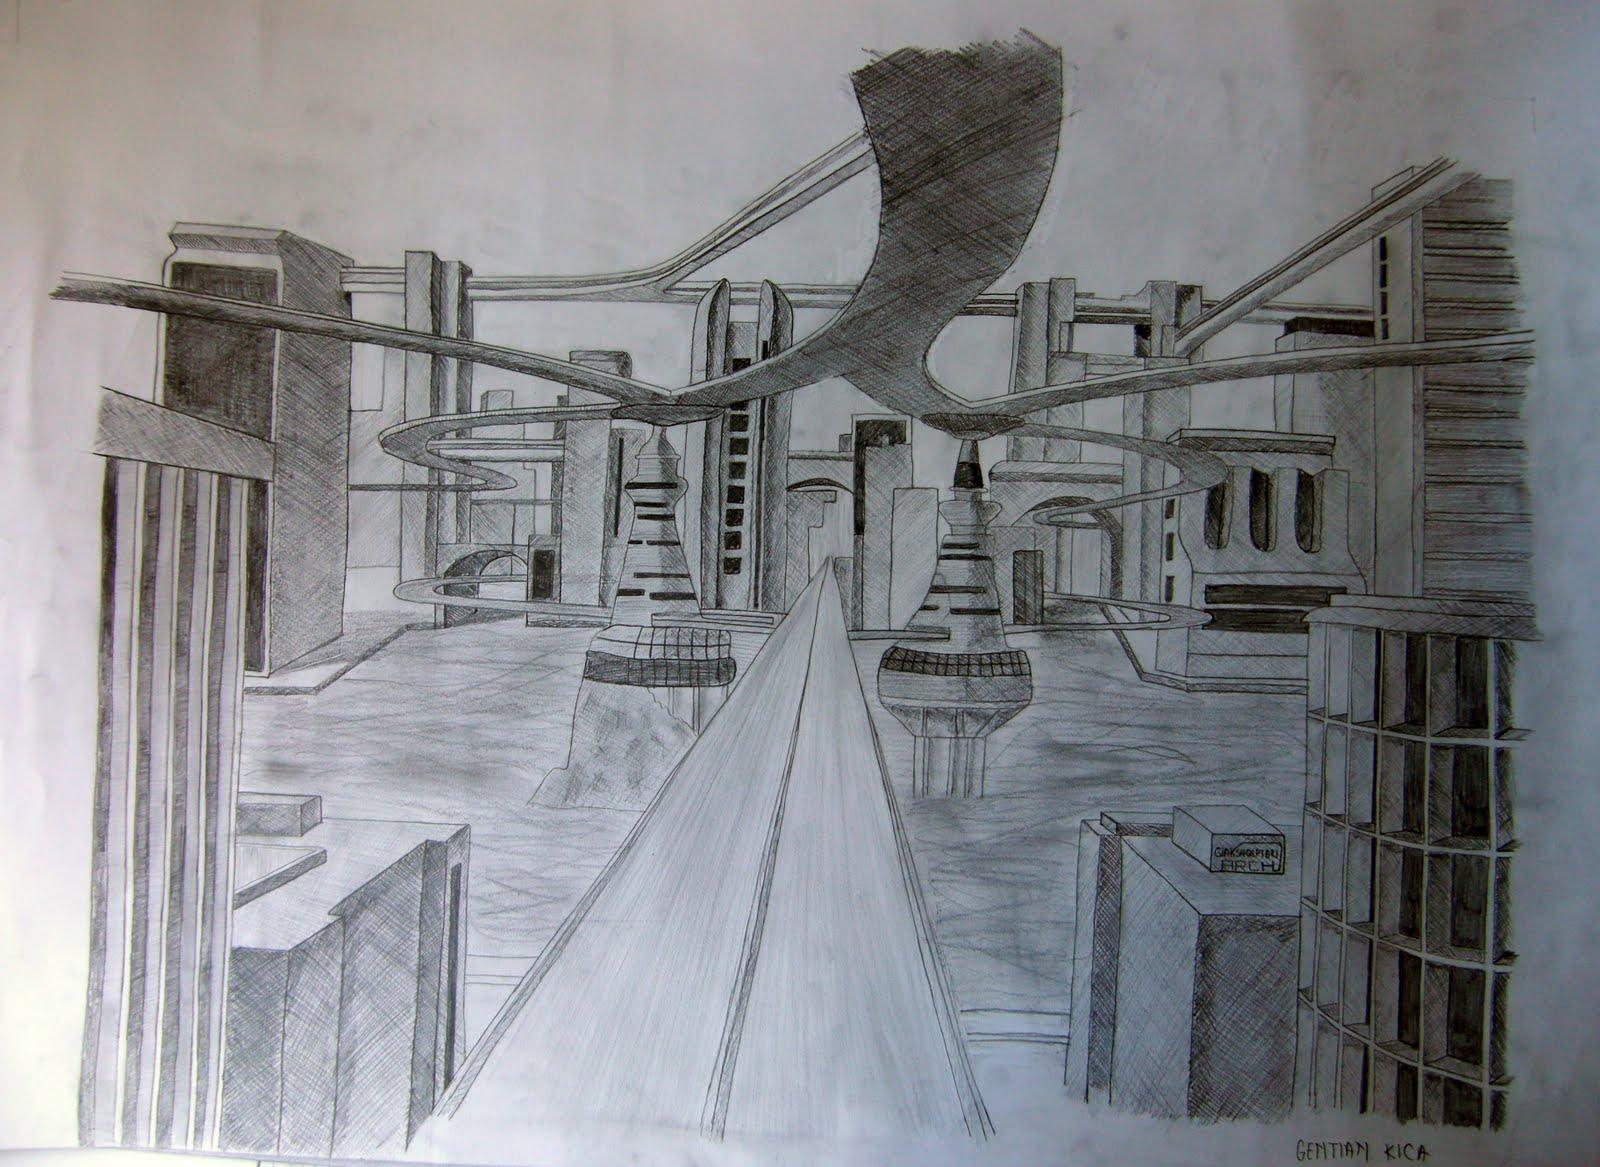 epoka drawing class  final